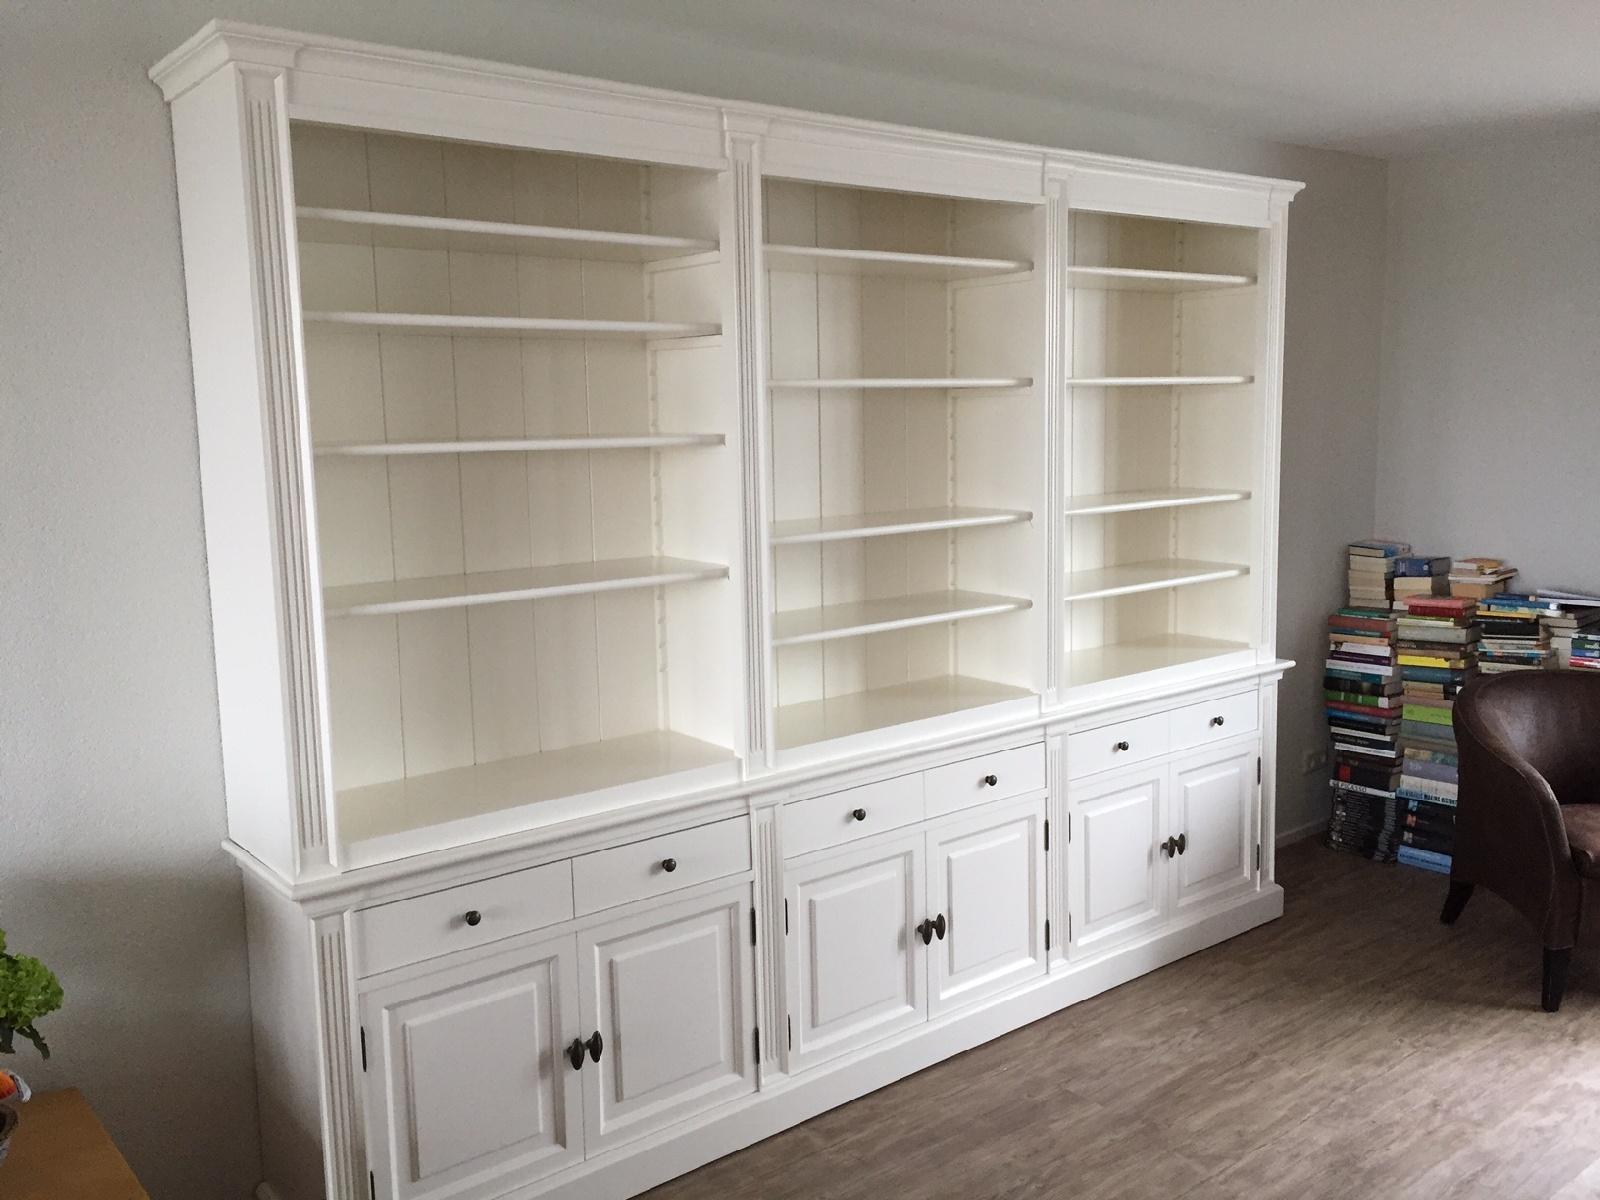 Boekenkast op maat kopen: op maat gemaakte boekenkasten